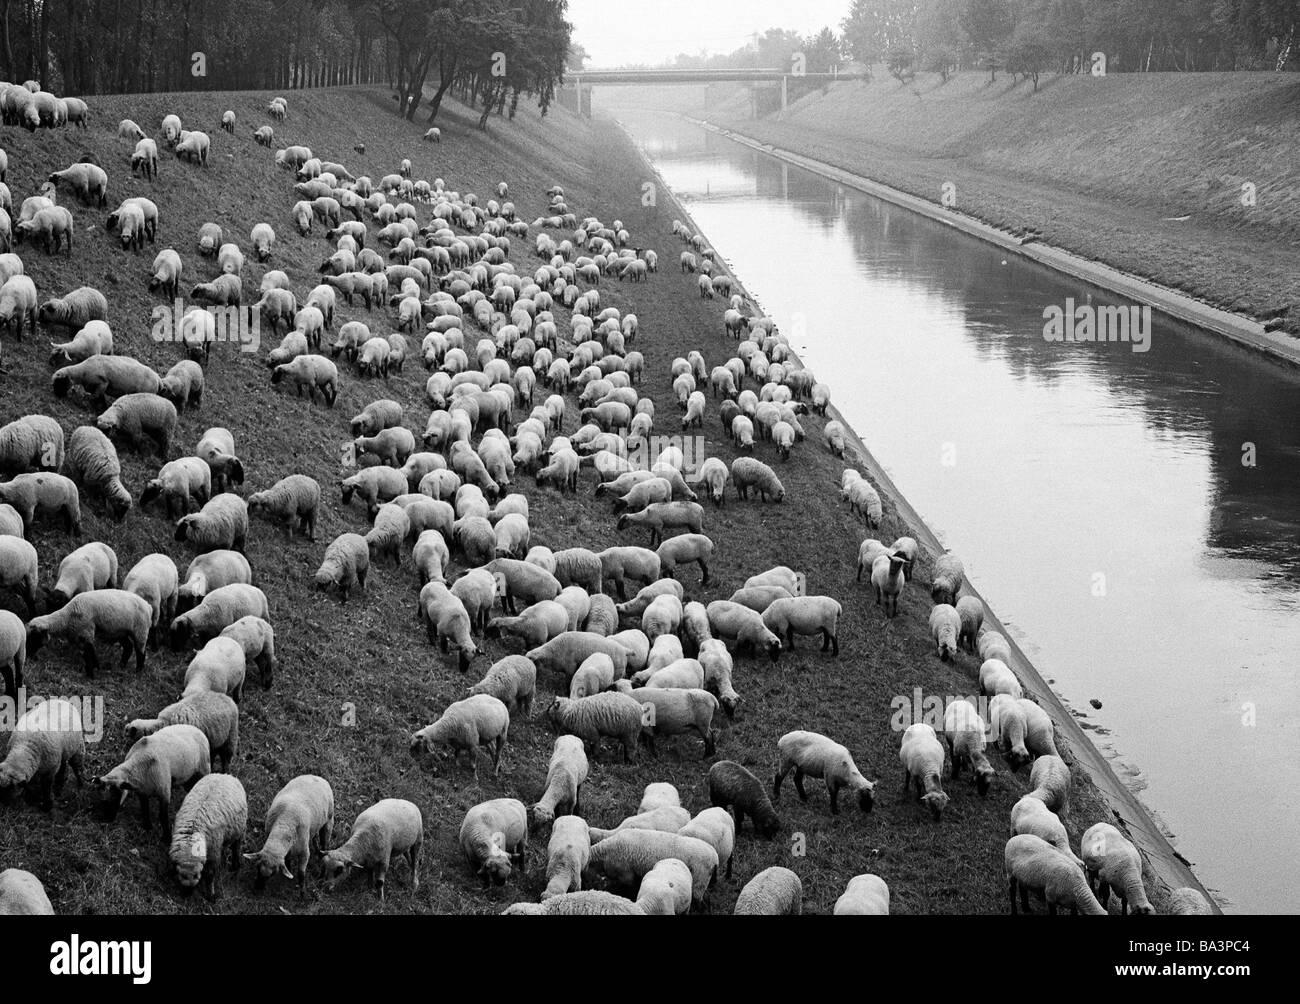 Siebziger Jahre, Schafzucht, Schafherde grast auf einer Uferboeschung an der Emscher in Oberhausen, Ruhrgebiet, - Stock Image